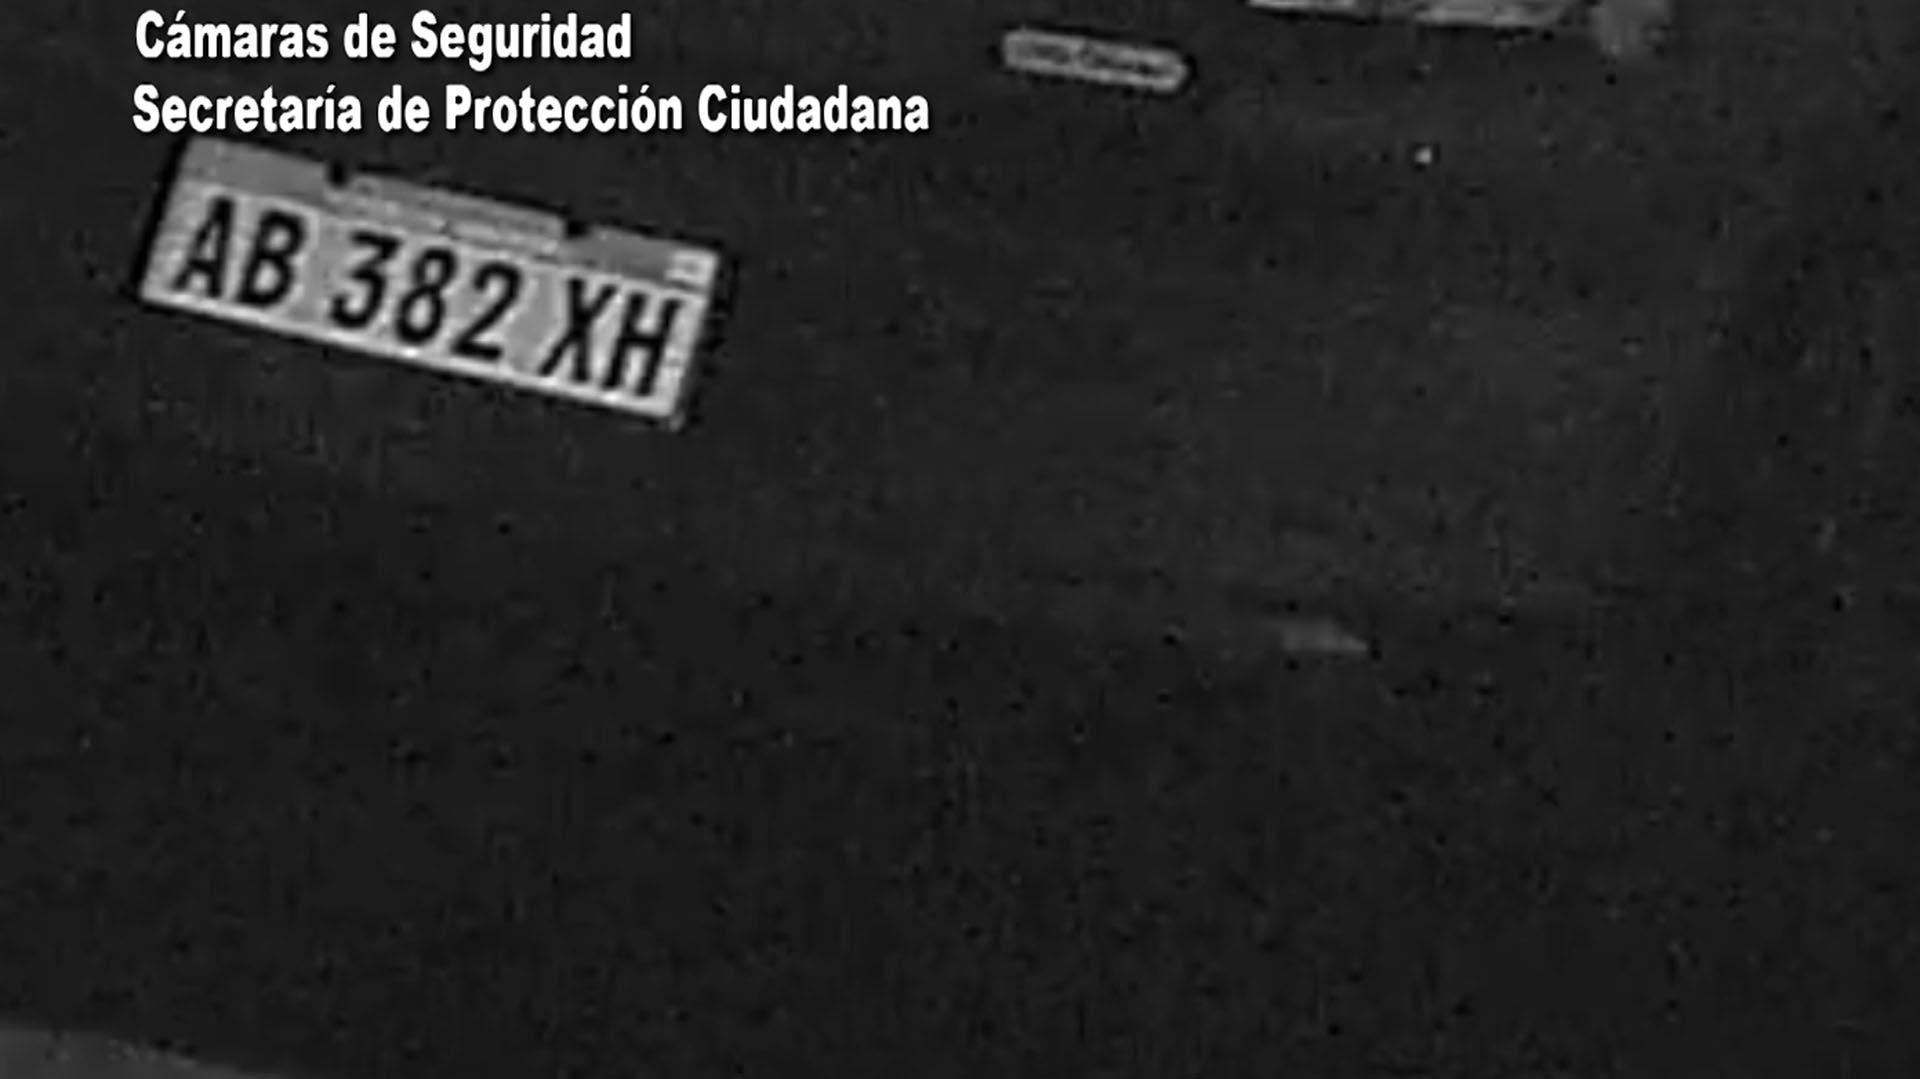 Las cámaras de seguridad identificaron que era un vehículo robado por su dominio